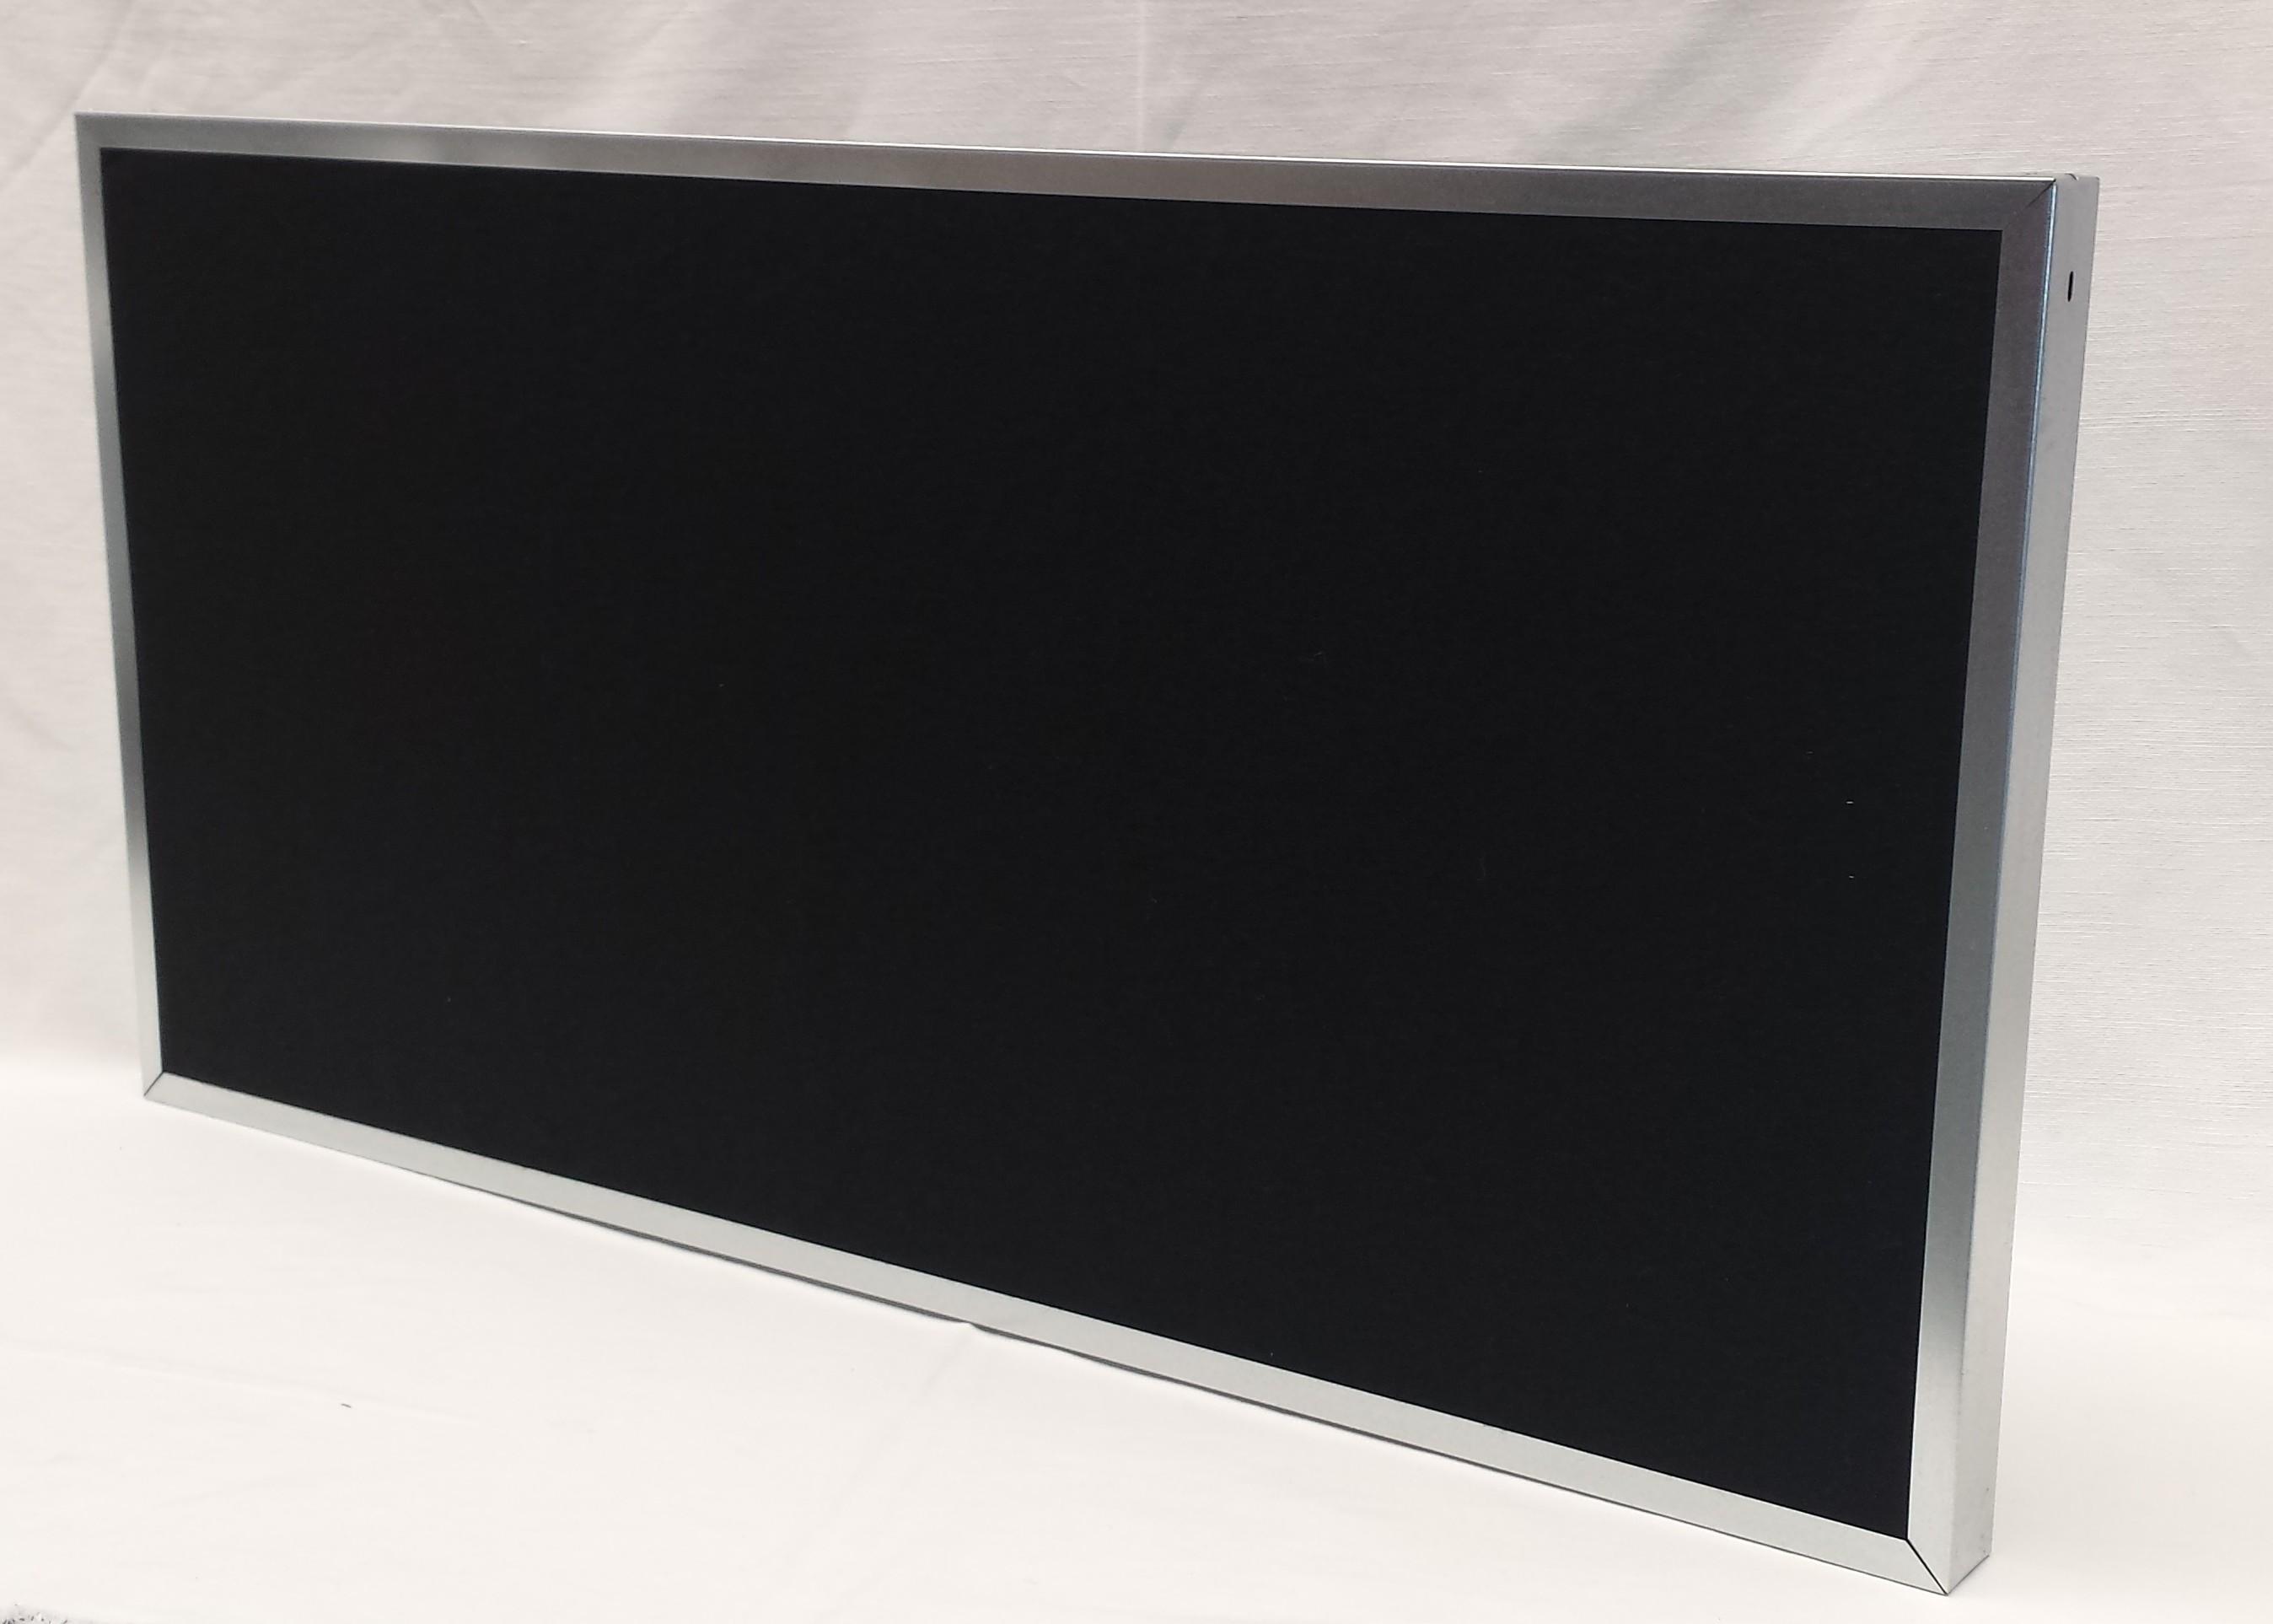 assemblage baffle zwart